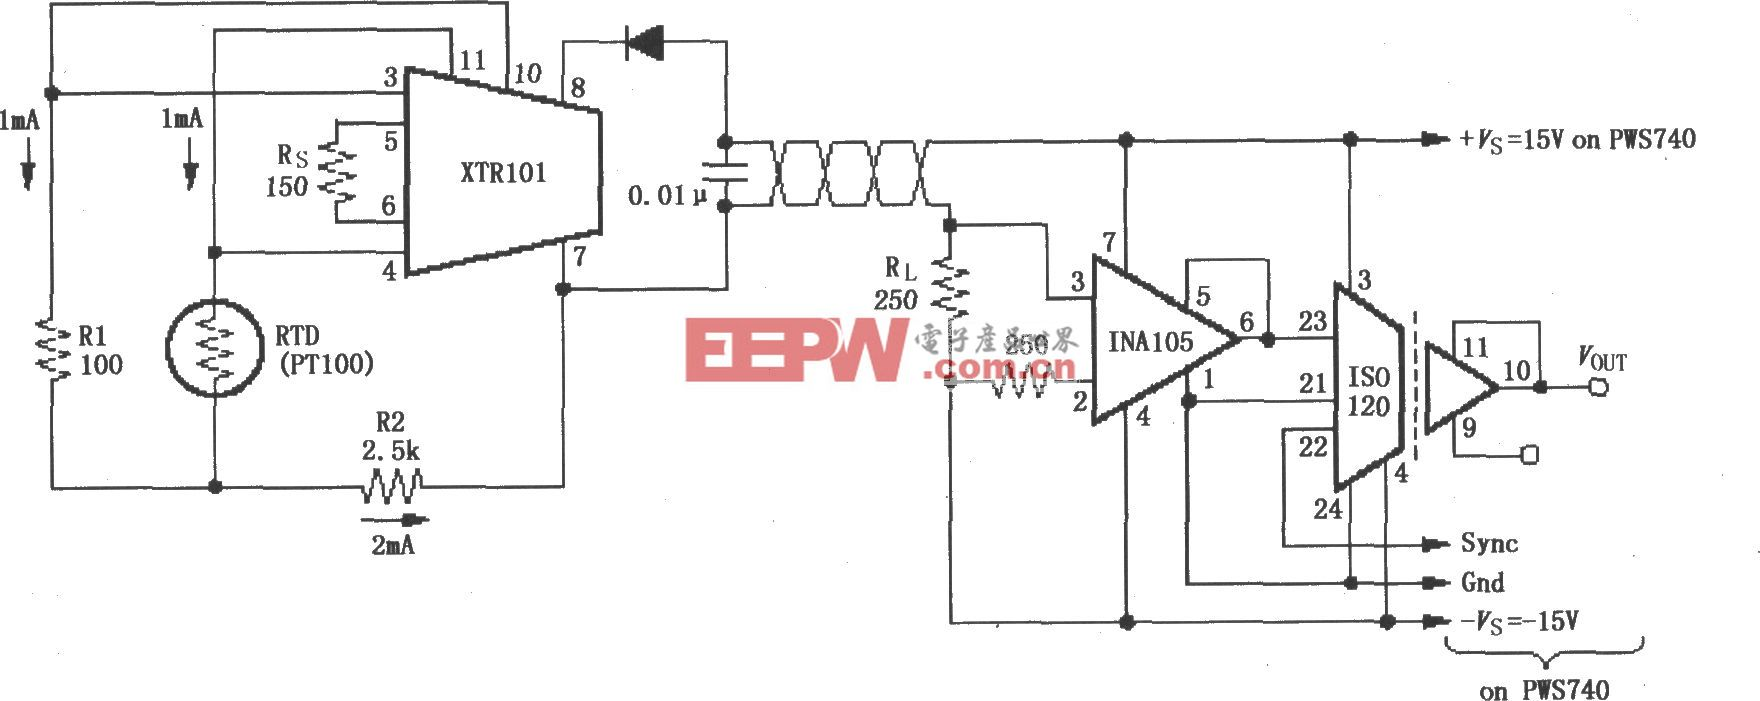 检测4~20mA环路仪器放大电路(ISO120、XTR101)